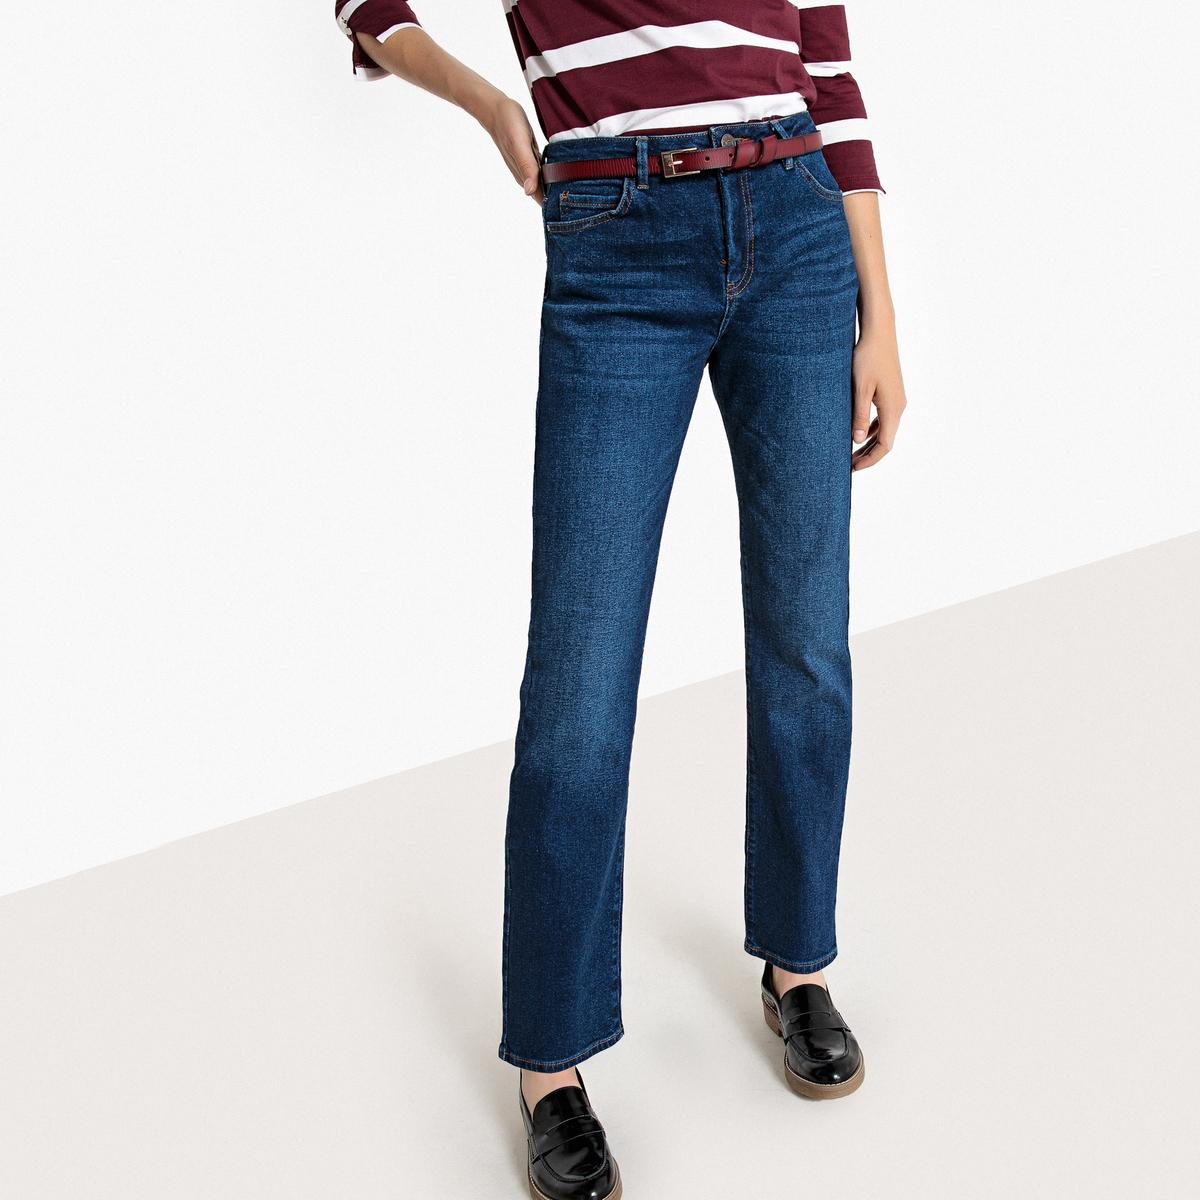 Джинсы прямые с 5 карманами, L32 прямые джинсы с заниженной посадкой и 5 ю карманами arizona